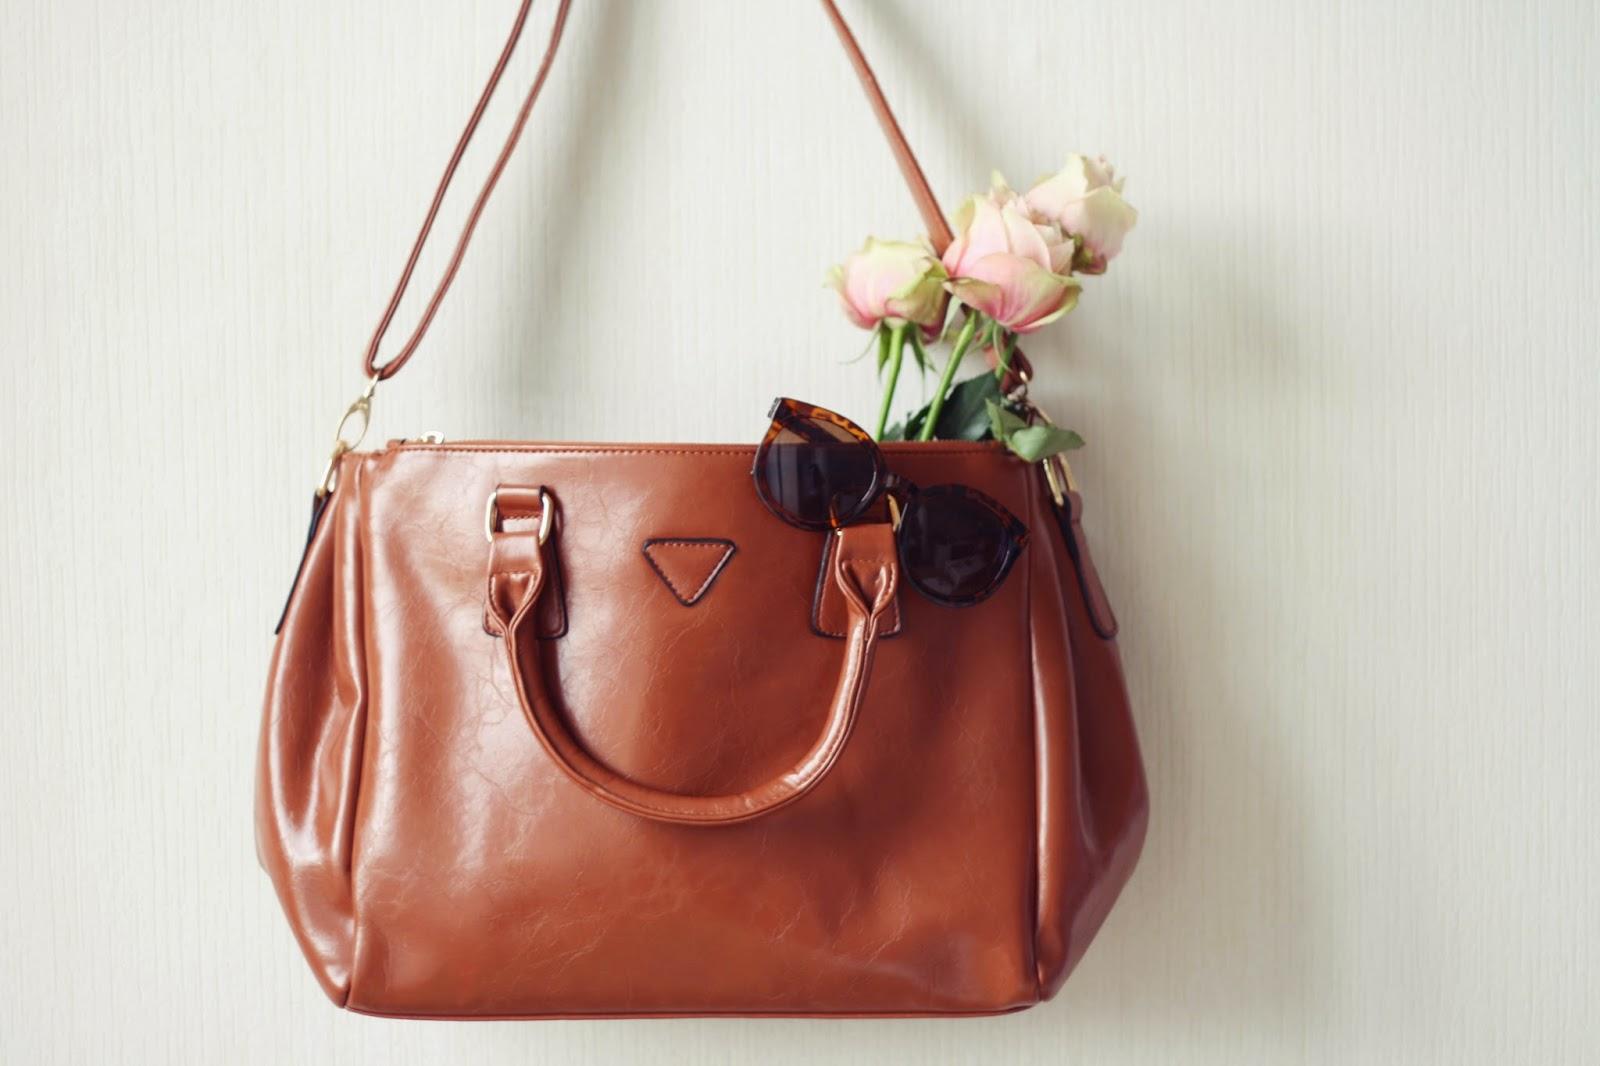 vintage style grab bag